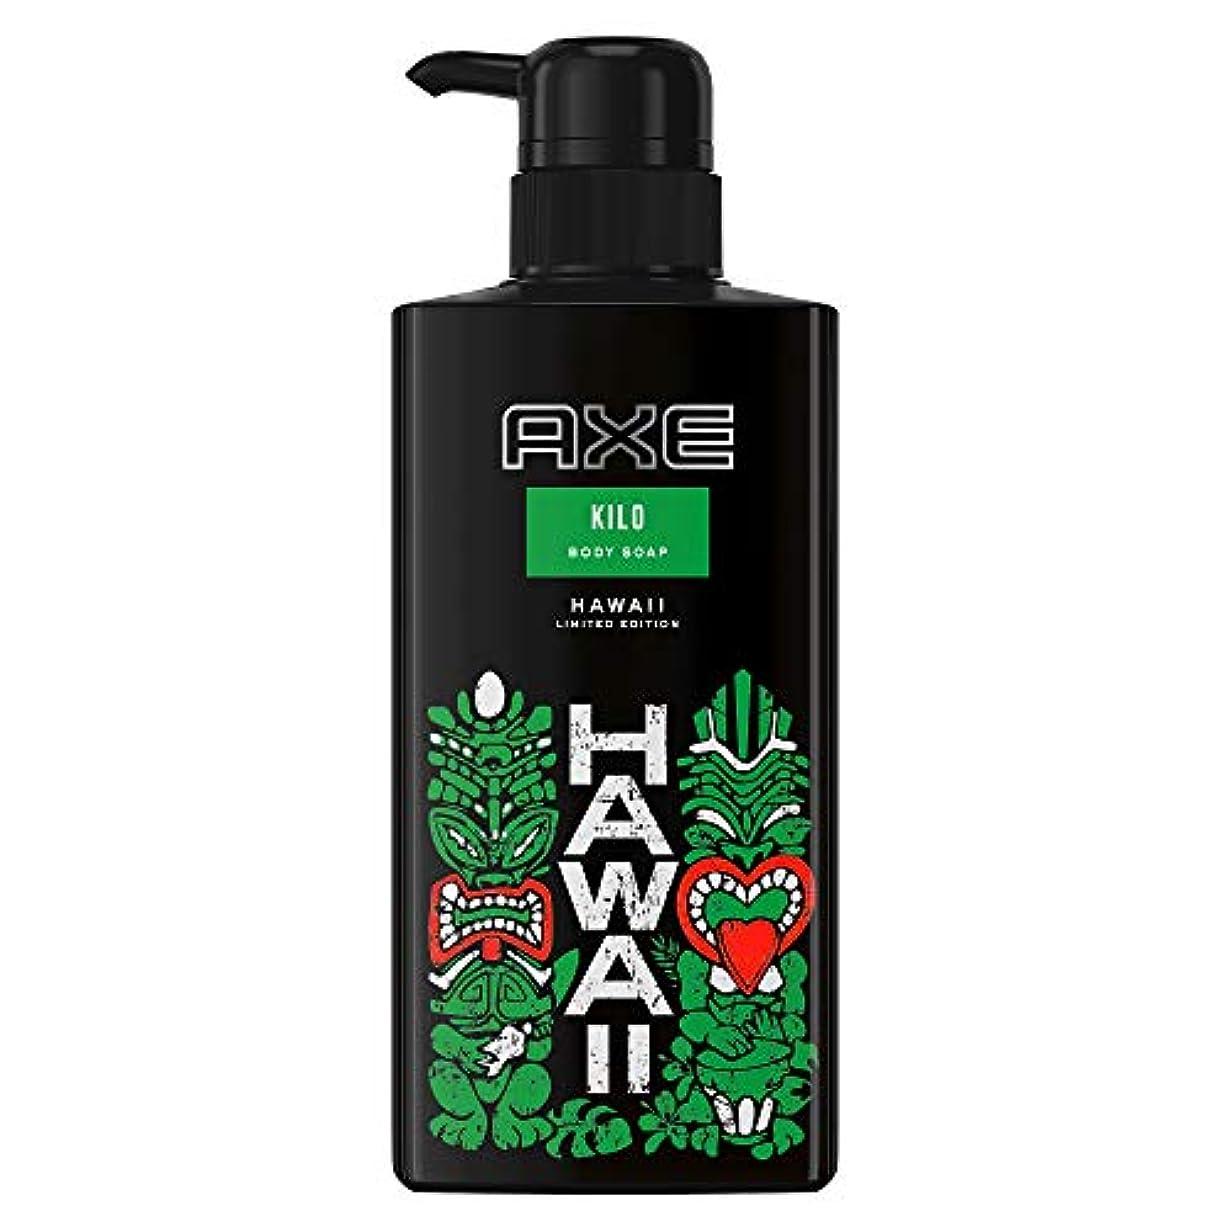 再編成する希少性アリアックス フレグランス ボディソープ キロ ポンプ (アクアグリーンの香り) 400g